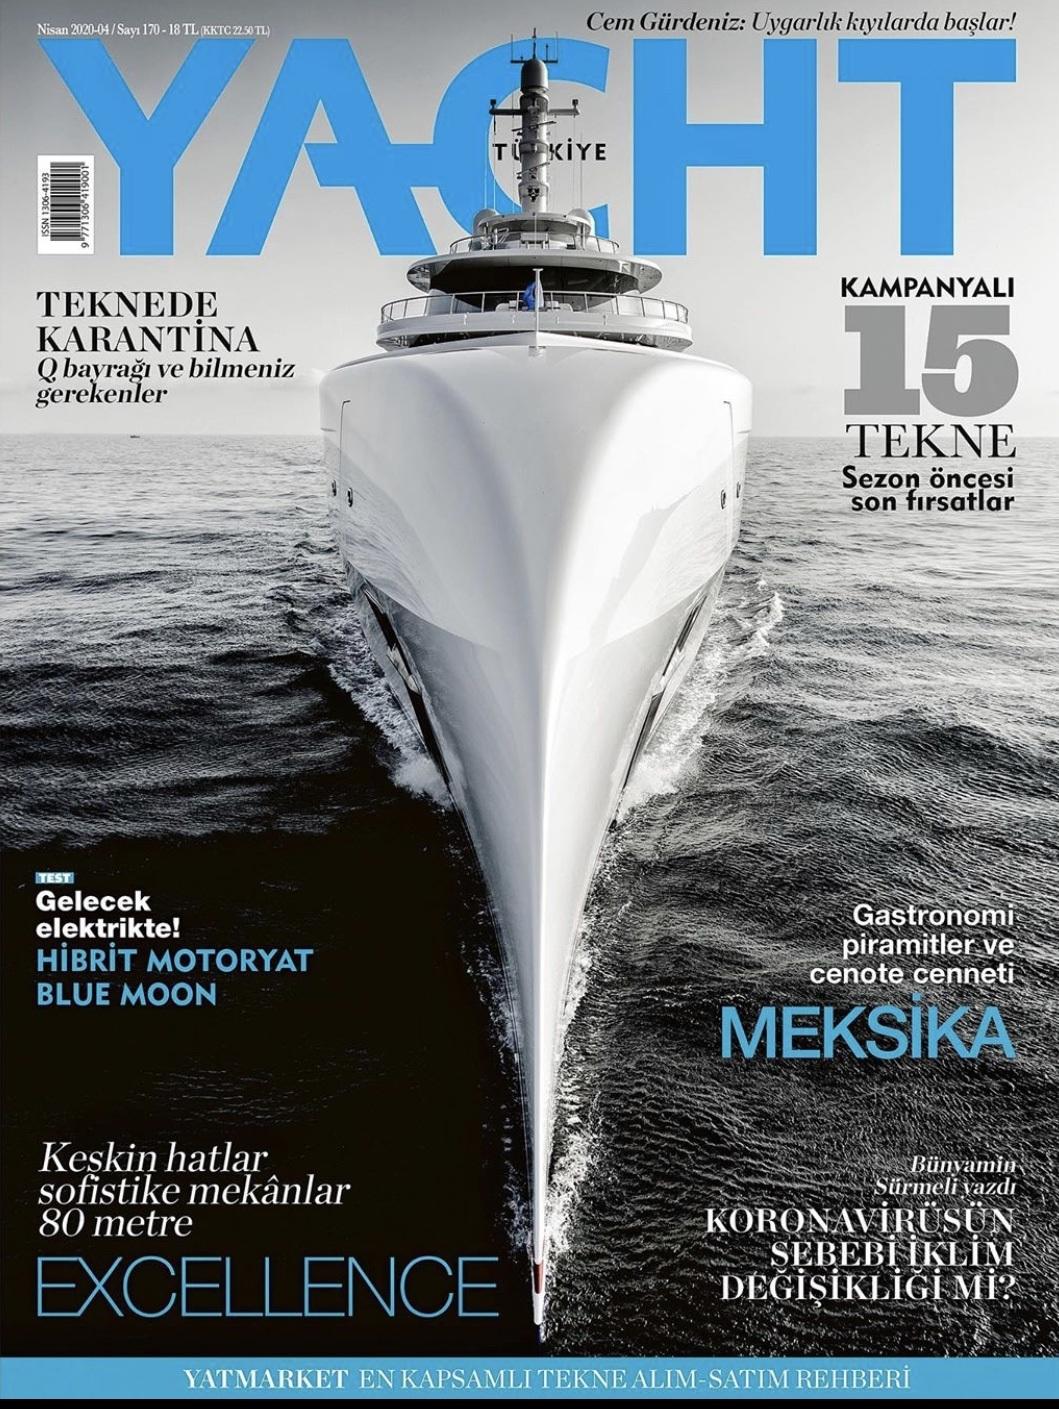 Yacht-Turkiye.jpg